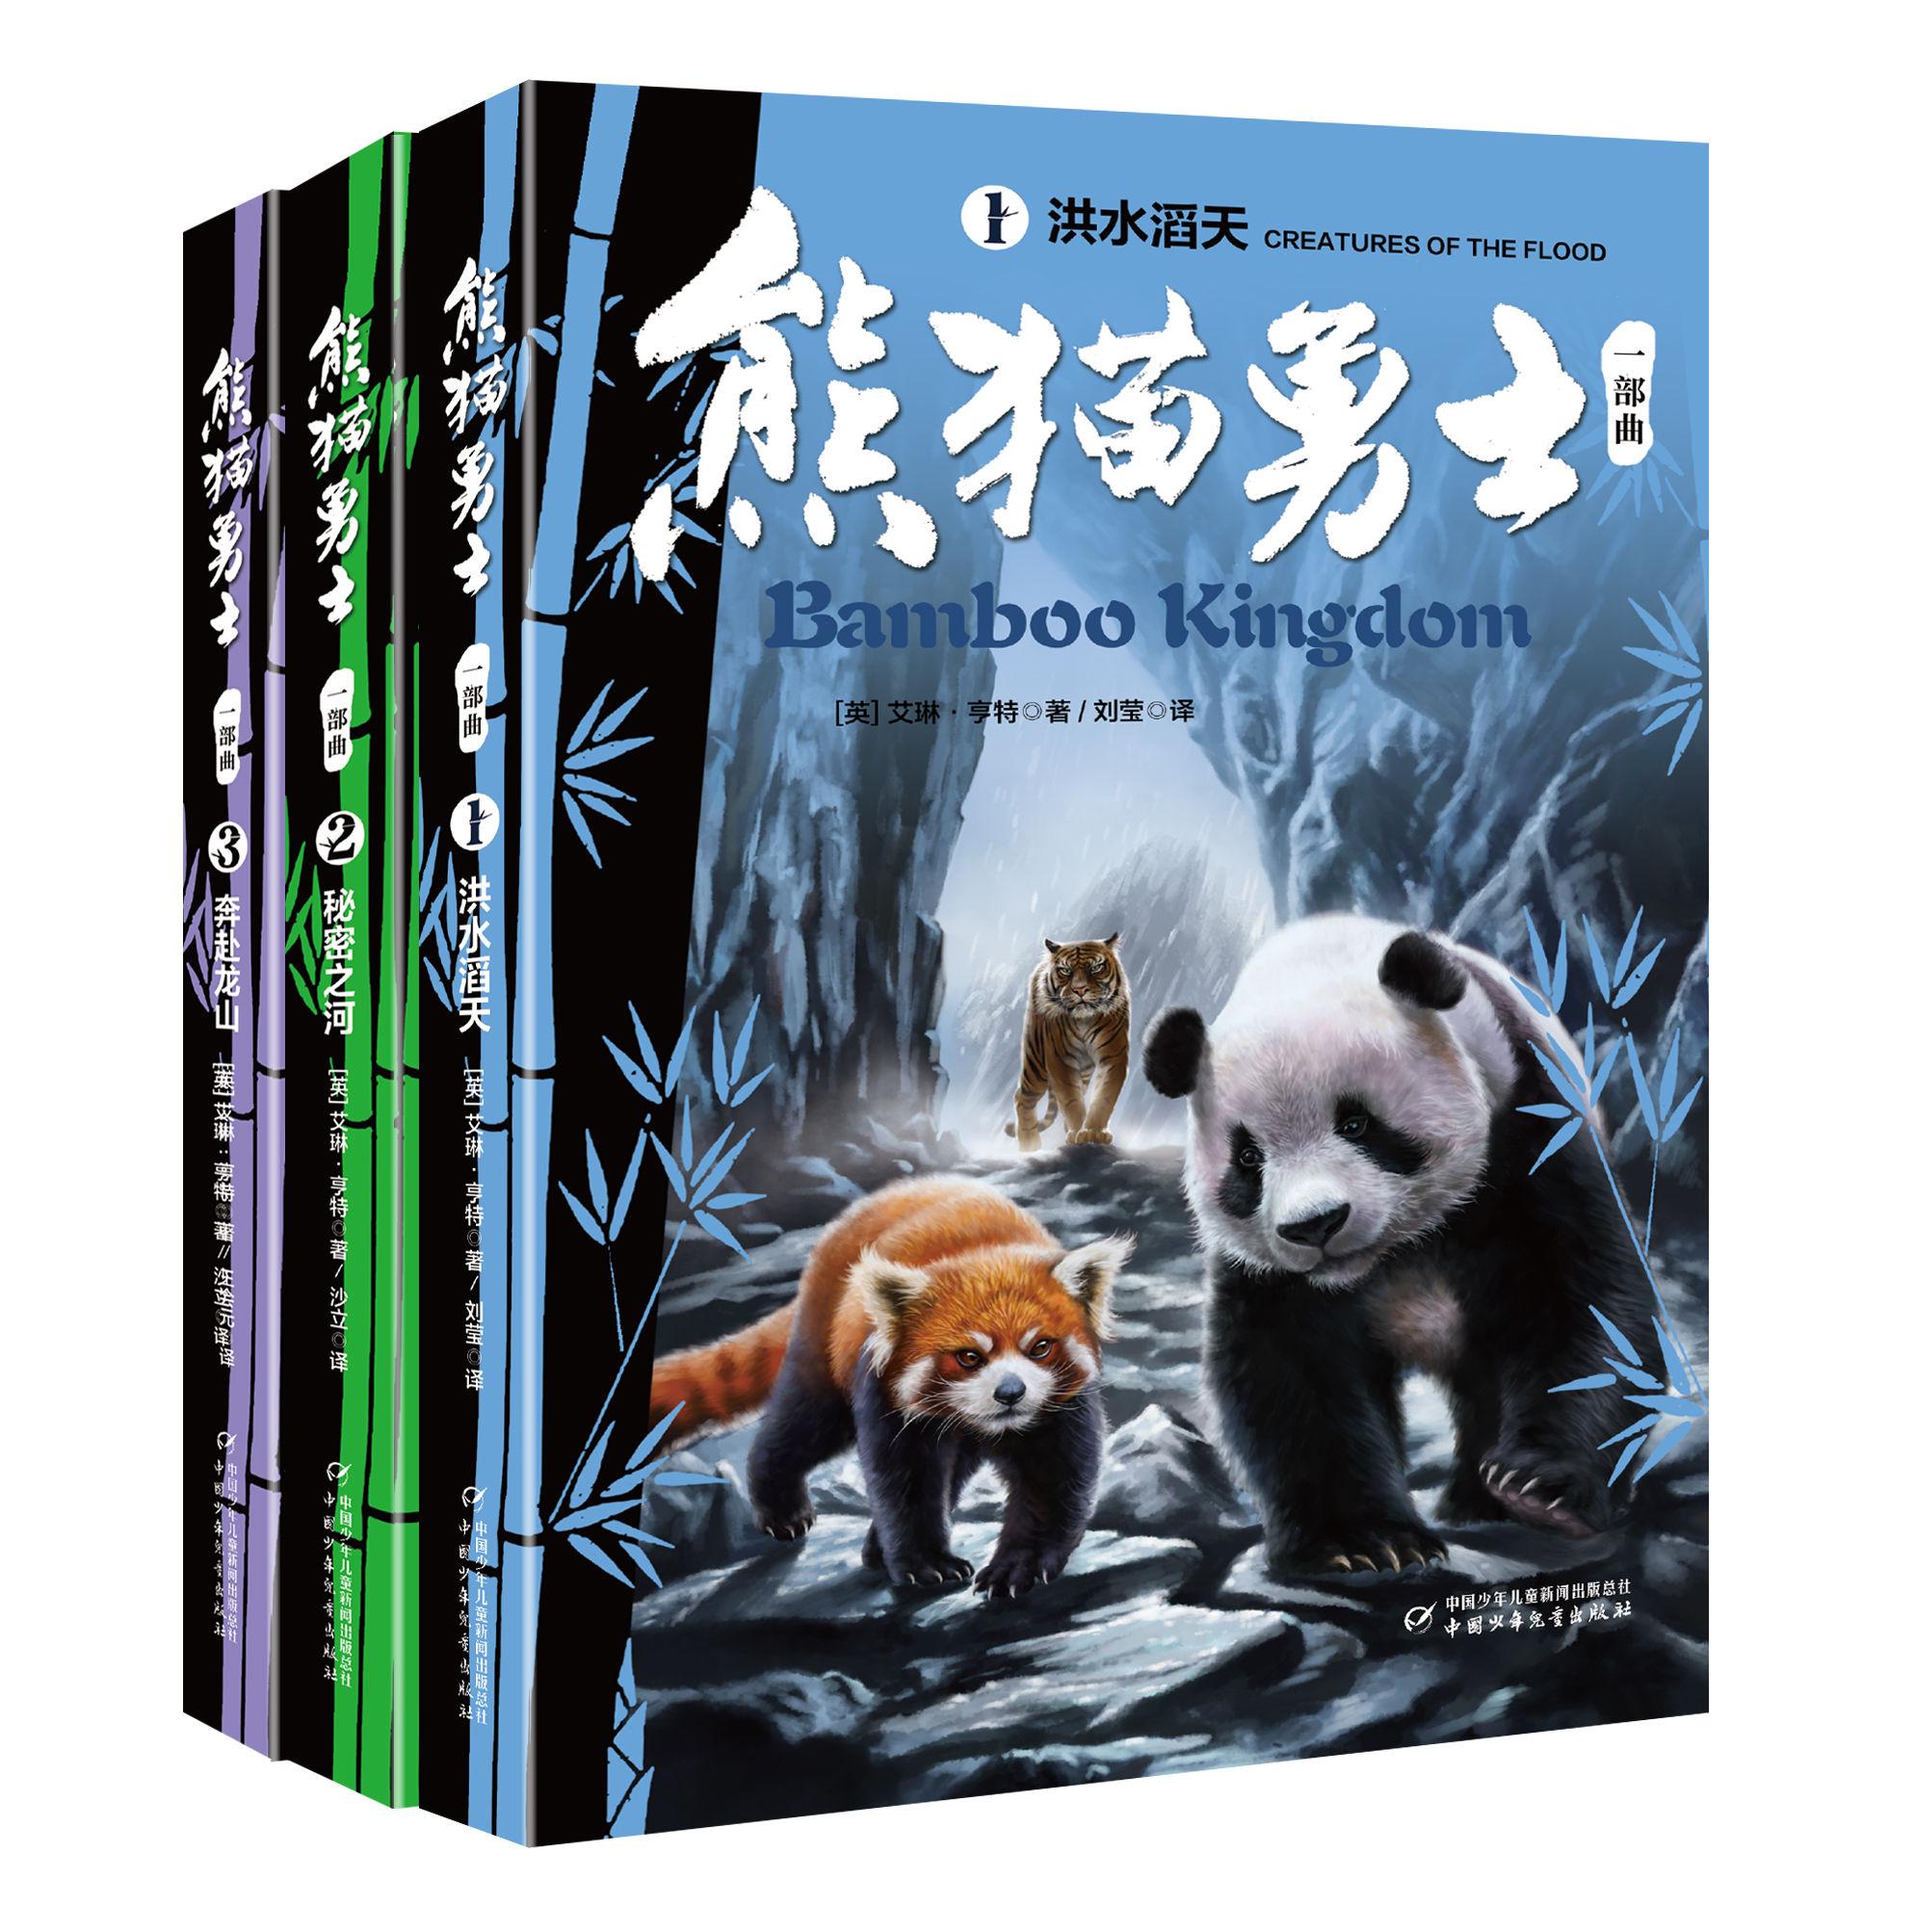 国宝传奇《熊猫勇士》全球首发,中少社携手国际团队打造中国特色动物奇幻小说